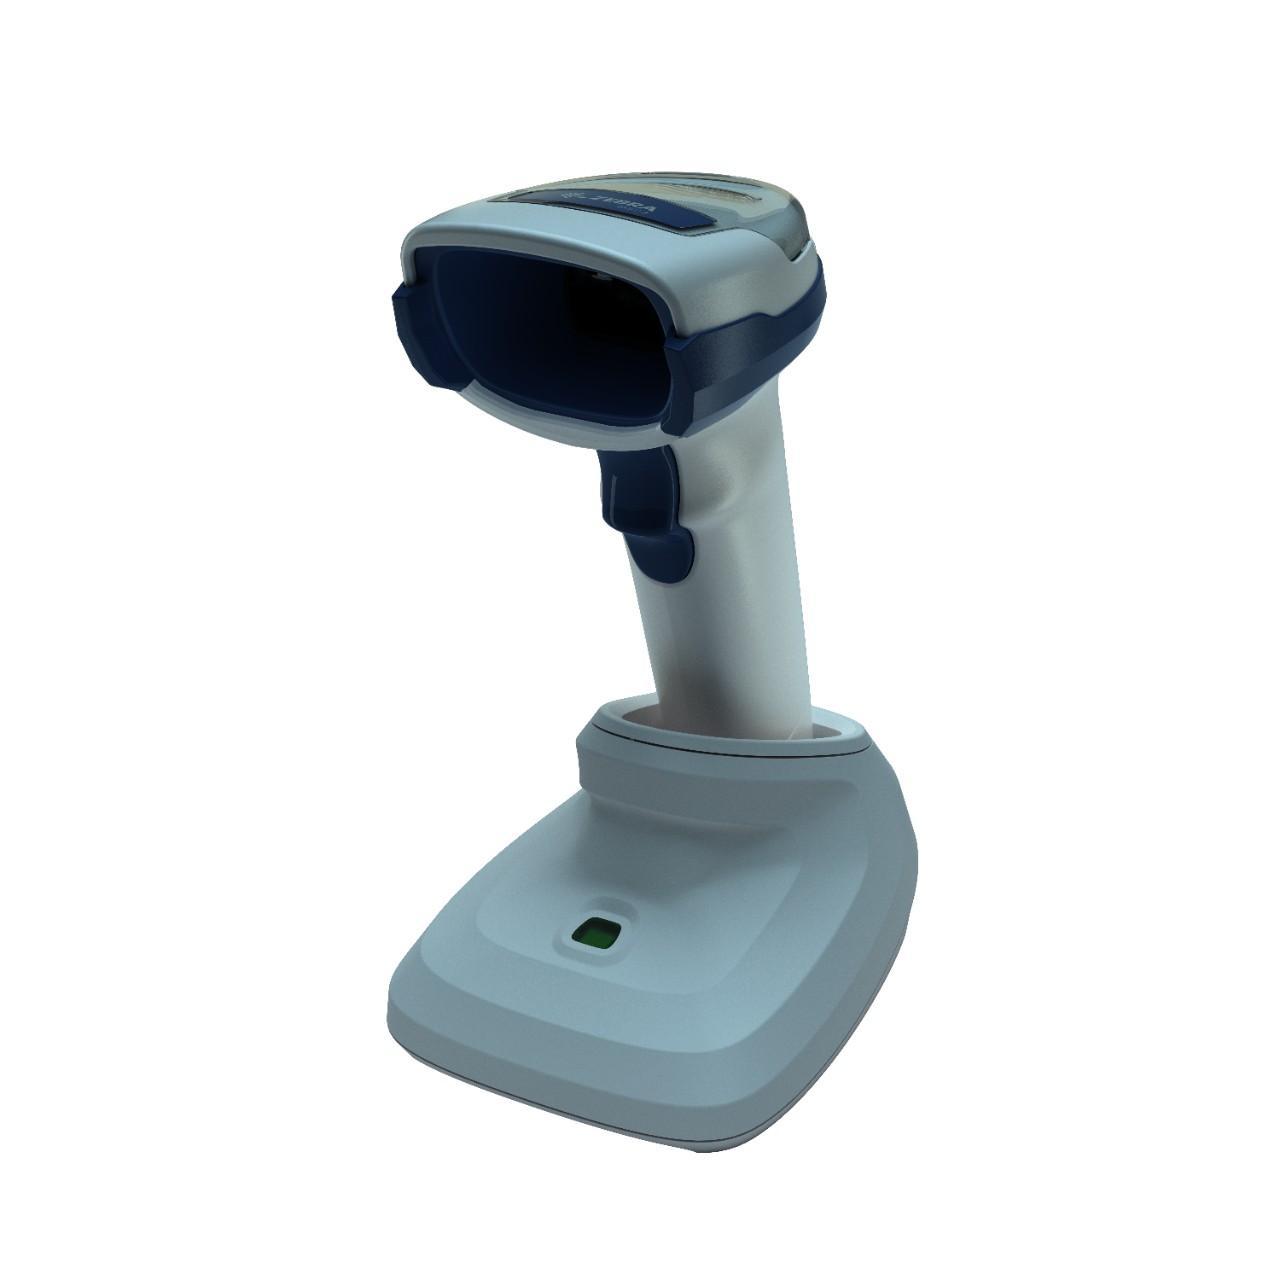 безжичен бял баркод скенер Zebra DS2278 Bluetooth със стойка страничен поглед